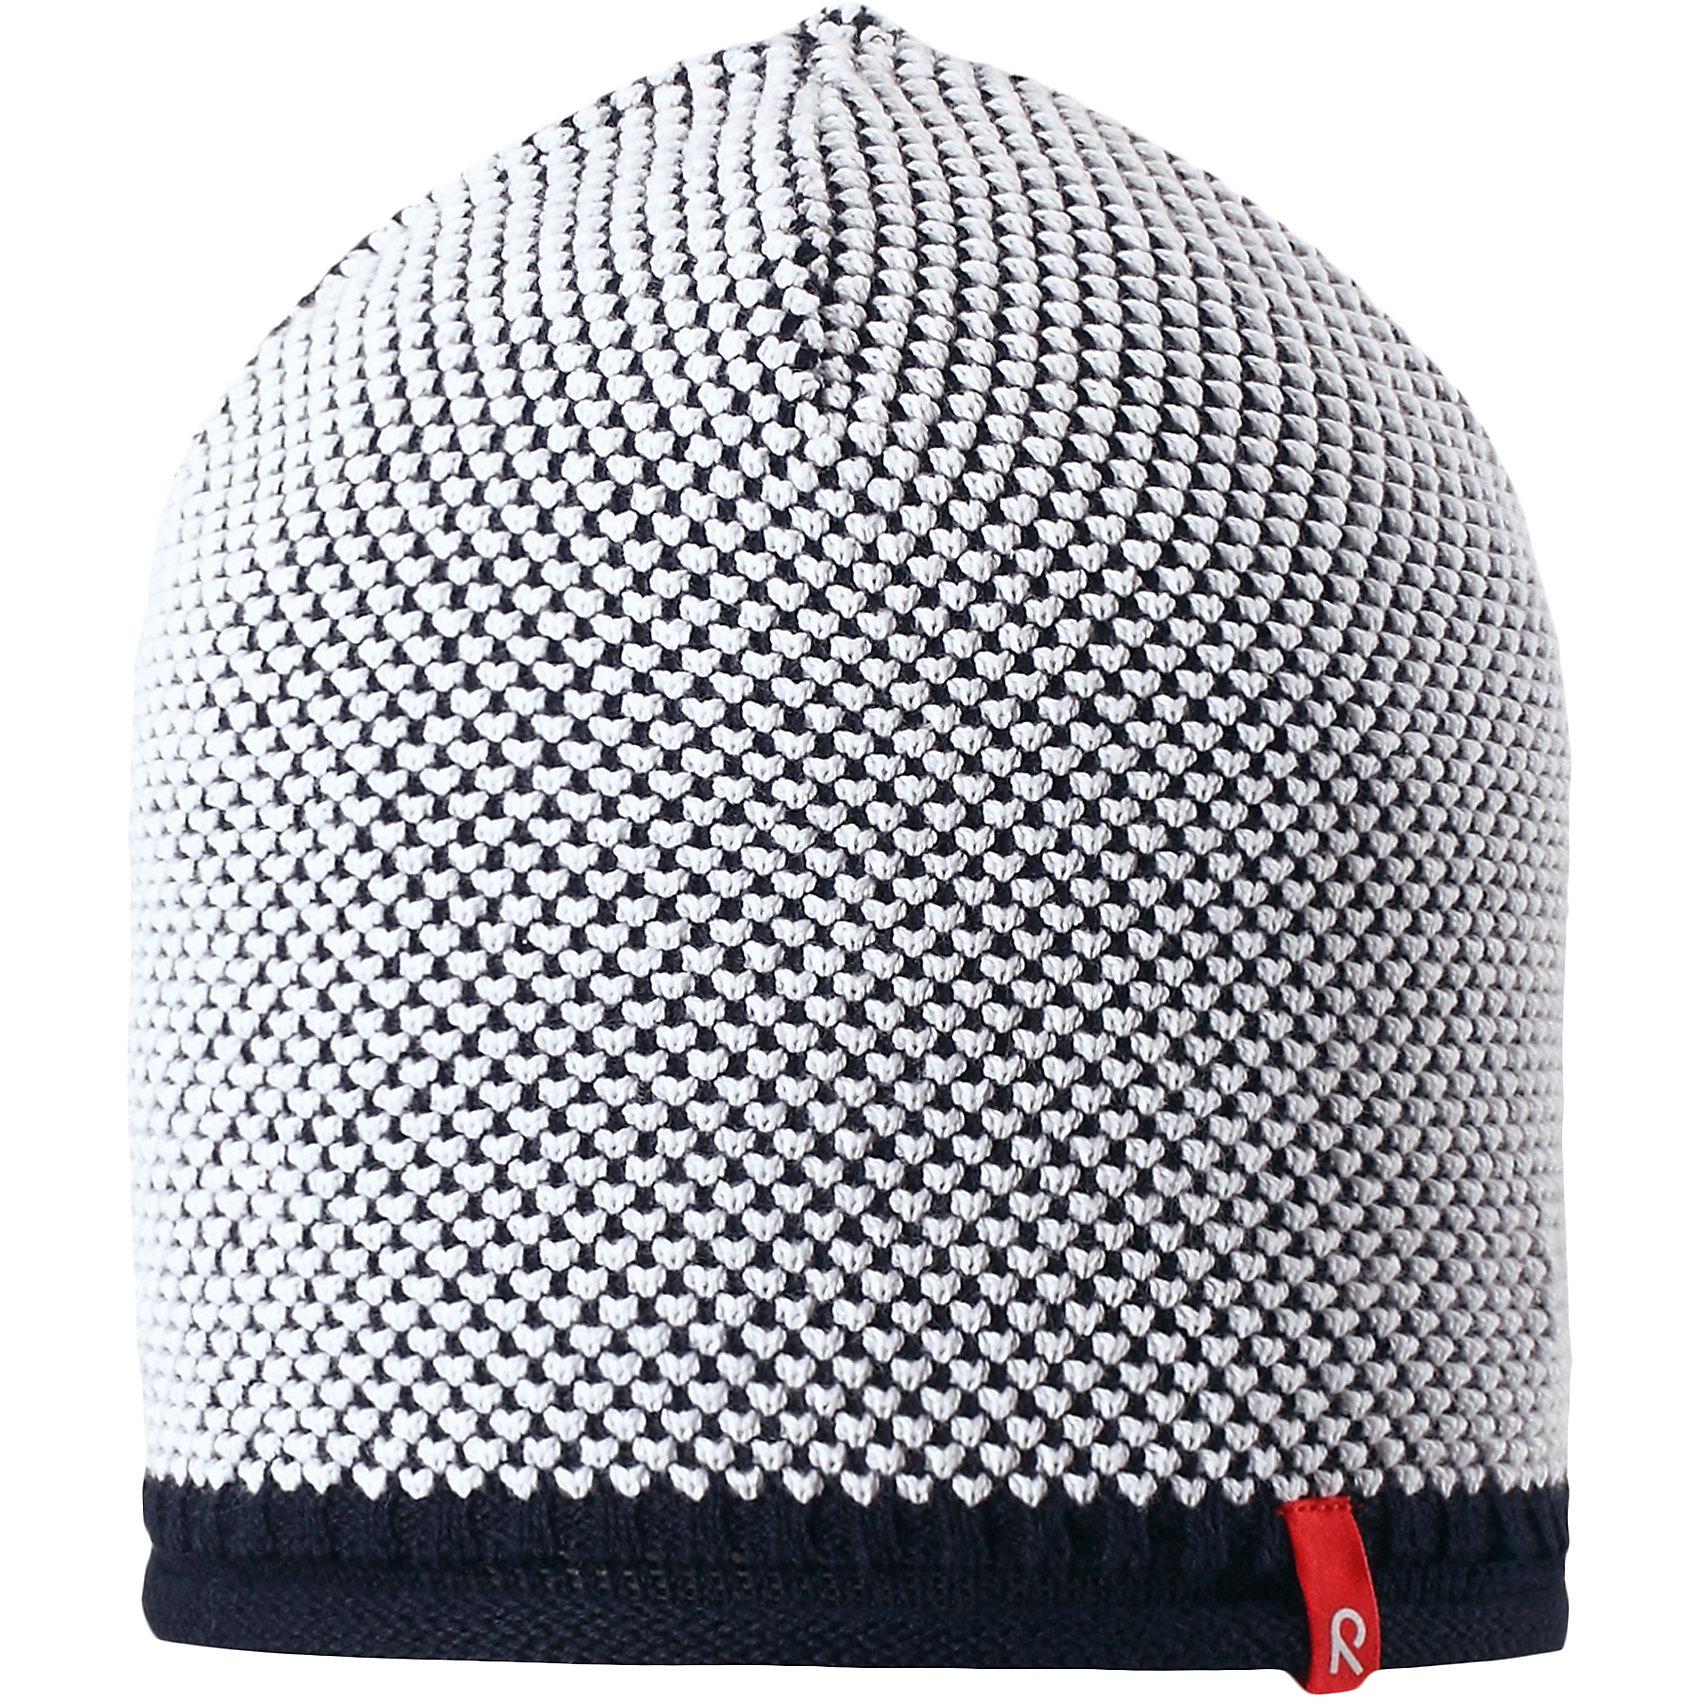 Шапка Seilori для мальчика ReimaШапки и шарфы<br>Характеристики товара:<br><br>• цвет: синий<br>• состав: 100% хлопок<br>• температурный режим: от +10С<br>• эластичный хлопковый трикотаж<br>• изделие сертифицированно по стандарту Oeko-Tex на продукцию класса 2 - одежда, контактирующая с кожей<br>• облегчённая модель без подкладки<br>• эмблема Reima спереди<br>• декоративная структурная вязка<br>• страна бренда: Финляндия<br>• страна производства: Китай<br><br>Детский головной убор может быть модным и удобным одновременно! Стильная шапка поможет обеспечить ребенку комфорт и дополнить наряд. Шапка удобно сидит и аккуратно выглядит. Проста в уходе, долго служит. Стильный дизайн разрабатывался специально для детей. Отличная защита от дождя и ветра!<br><br>Уход:<br><br>• стирать по отдельности, вывернув наизнанку<br>• придать первоначальную форму вo влажном виде<br>• возможна усадка 5 %.<br><br>Шапку для мальчика от финского бренда Reima (Рейма) можно купить в нашем интернет-магазине.<br><br>Ширина мм: 89<br>Глубина мм: 117<br>Высота мм: 44<br>Вес г: 155<br>Цвет: синий<br>Возраст от месяцев: 18<br>Возраст до месяцев: 36<br>Пол: Мужской<br>Возраст: Детский<br>Размер: 50,56,54,52<br>SKU: 5267804